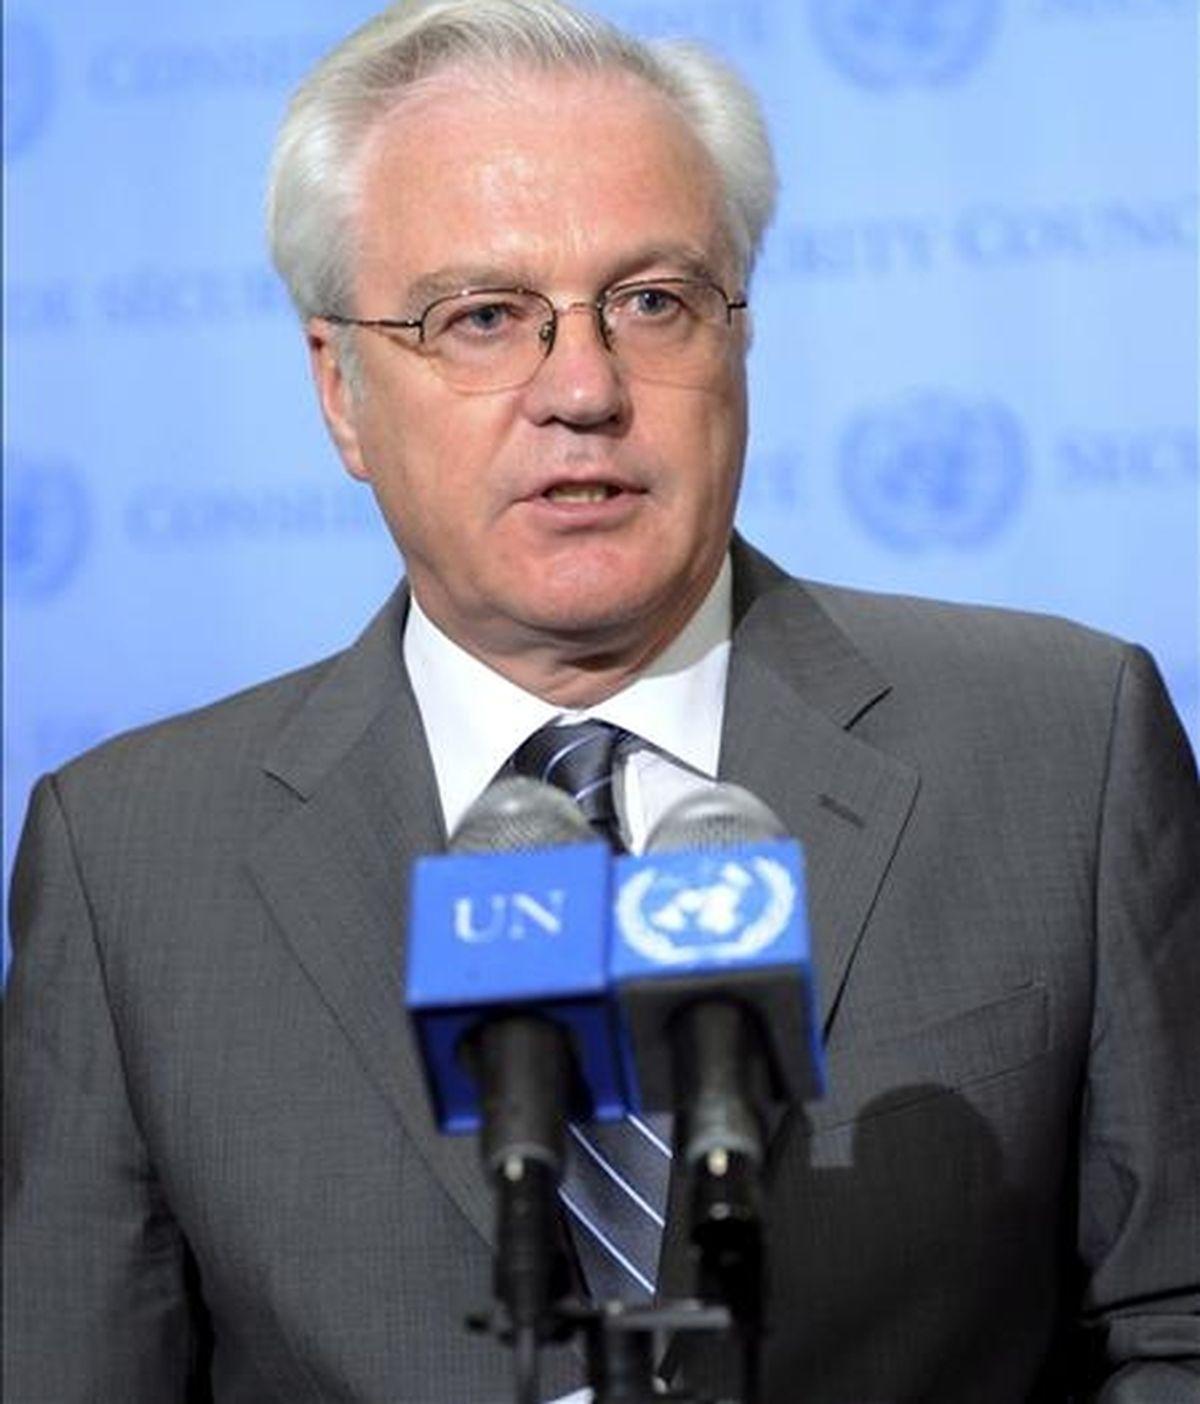 """""""Las resoluciones del Consejo están para ser respetadas"""", señaló el embajador de Rusia, Vitaly Churkin, quien subrayó que con la actual se envía a Pyongyang un """"mensaje político"""" de firmeza. EFE/Archivo"""